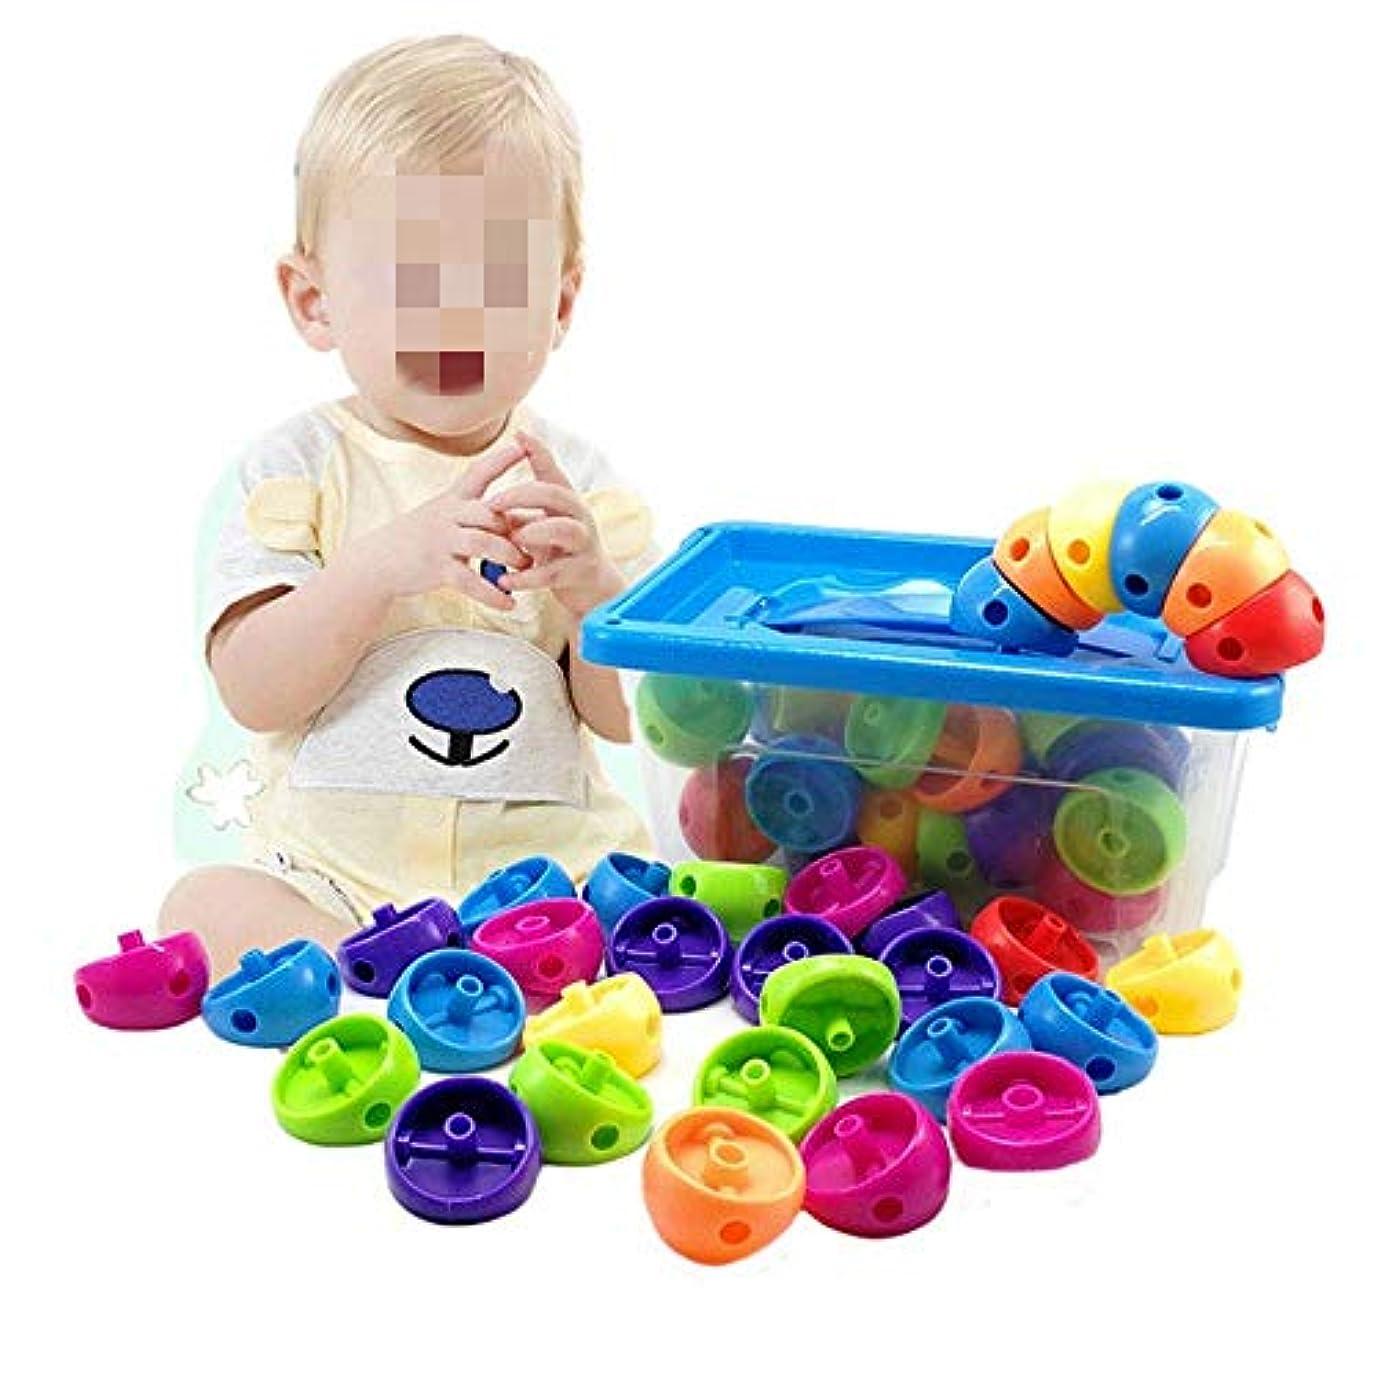 手伝う愛夕食を食べる木製ブロックレンガ、子供や幼児以上3歳のおもちゃのために58で建物サイズ収納ボックスセット(カラー:マルチカラー、サイズ:FREE SIZE) Soul hill (Color : Multicolored, Size : FREE SIZE)